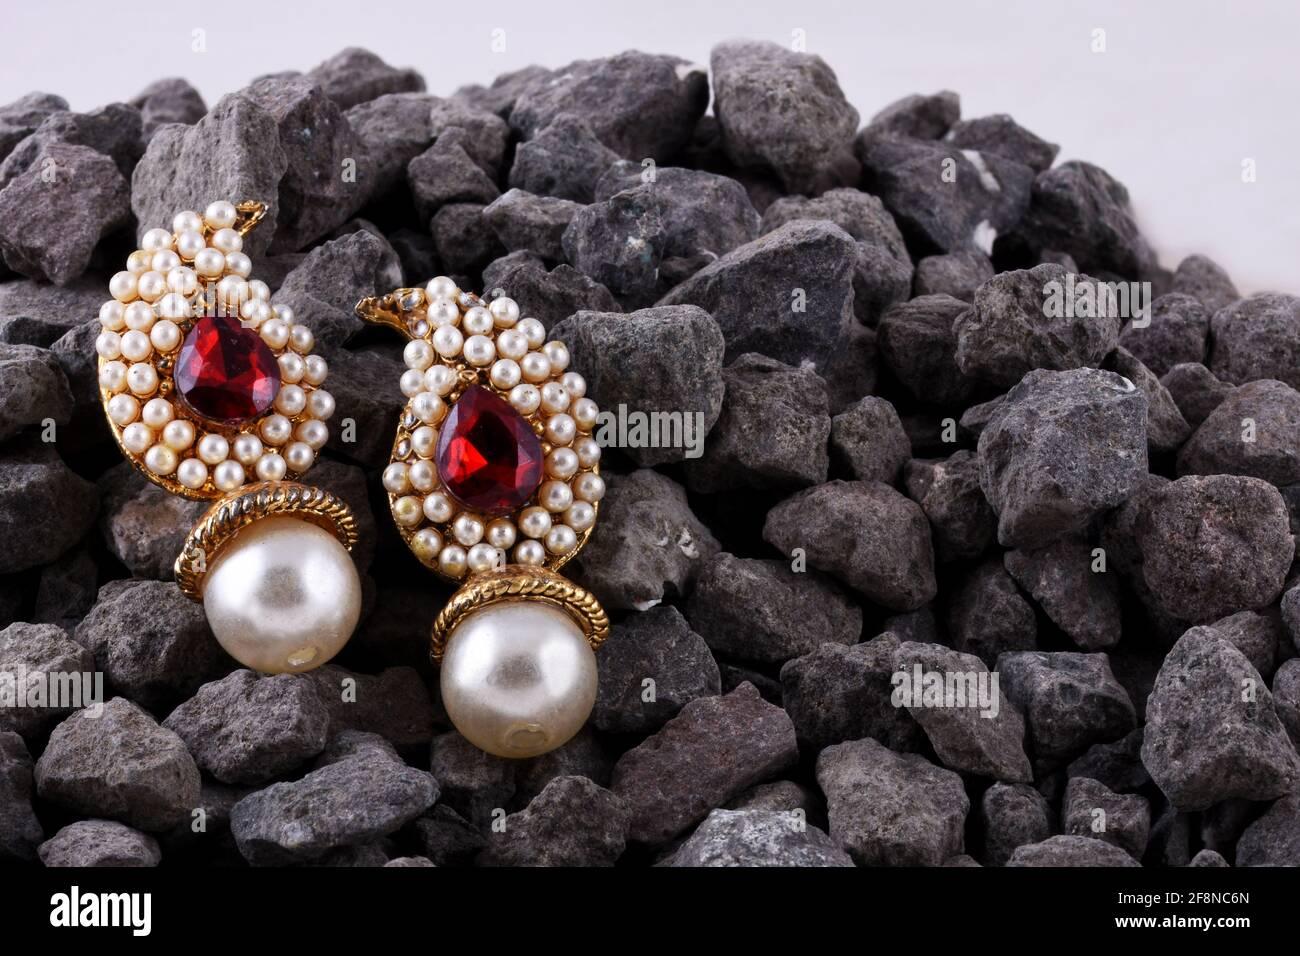 Boucles d'oreilles en perles avec pierres rubis, bijoux traditionnels indiens, bijoux indiens Banque D'Images